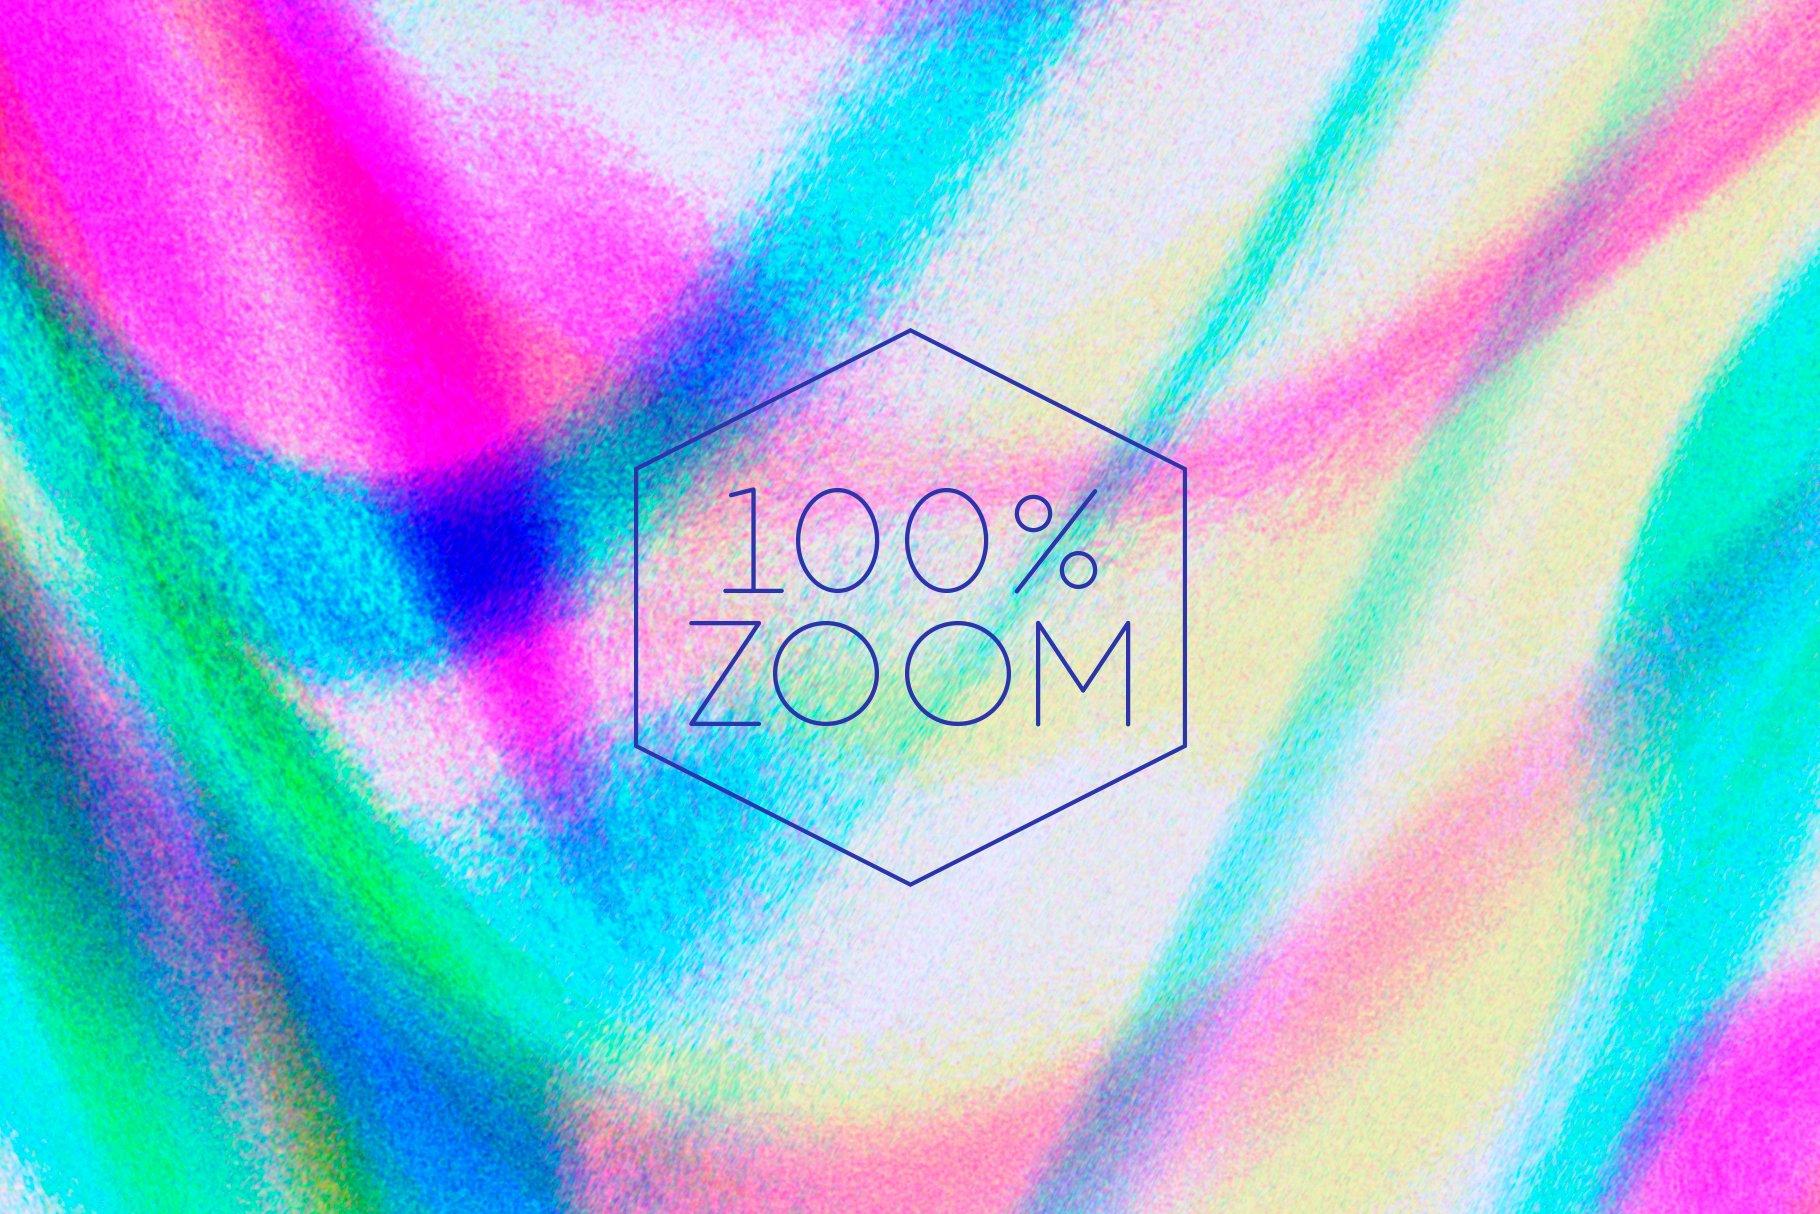 [单独购买] 90款潮流抽象炫彩故障扭曲噪点颗粒纹理海报设计背景图片素材 Experimental Abstract Textures插图18